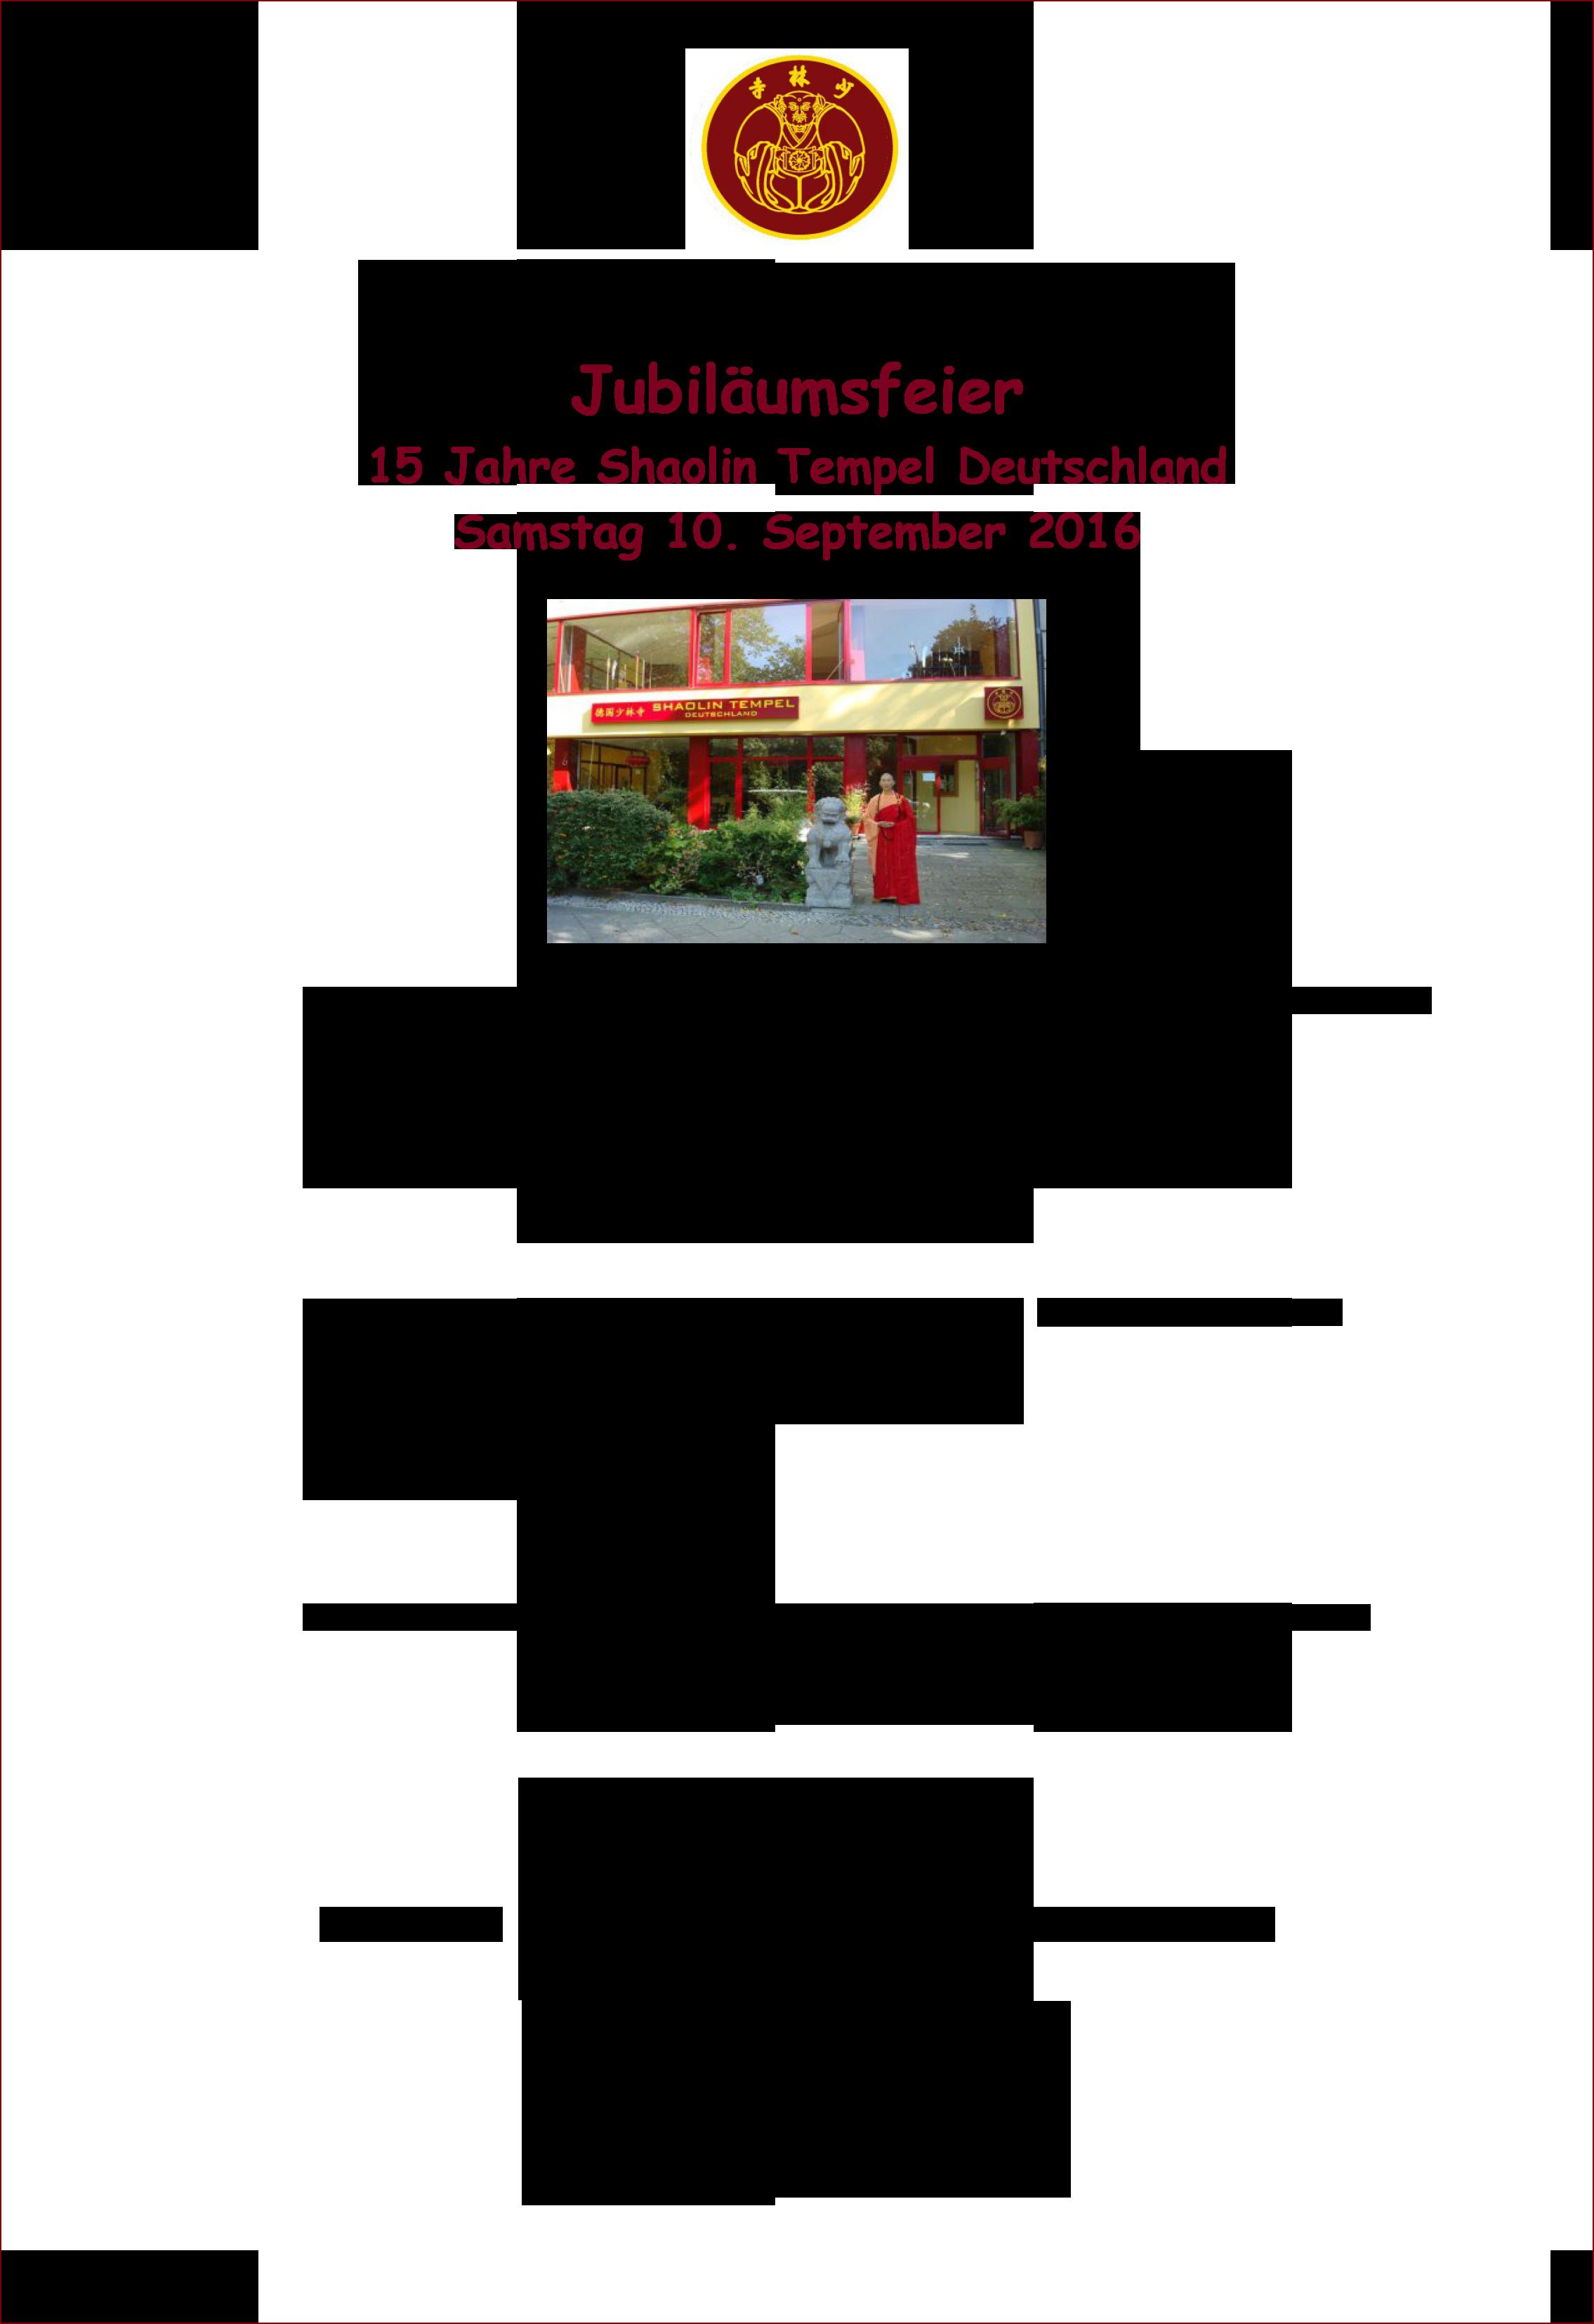 Einladung zur Jubiläumsfeier Shaolin Tempel Deutschland